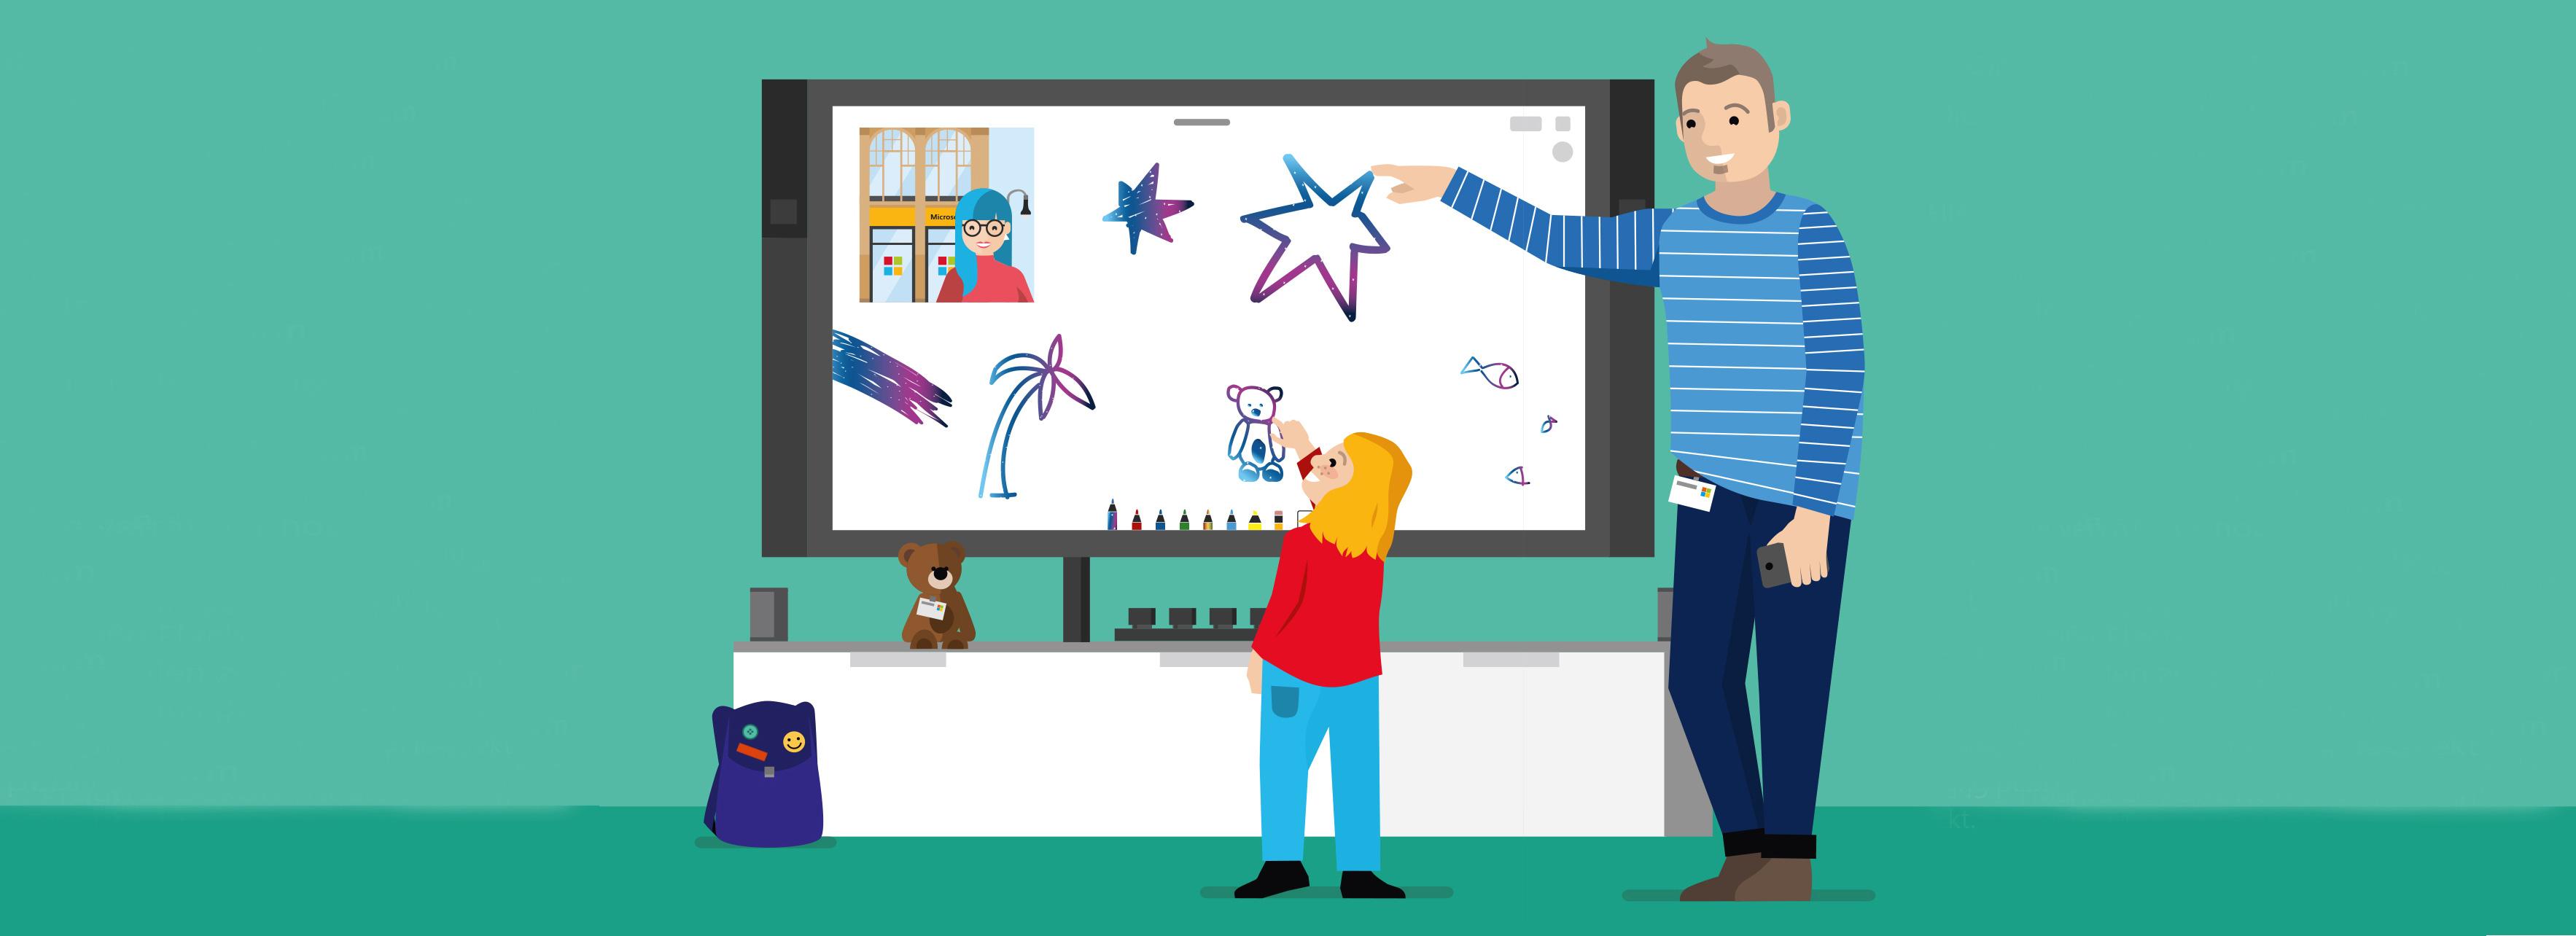 5DMBO-Studio-für-Gestaltung-Pforzheim-Microsoft-Illustration-Kinder-Buch-Illustratives